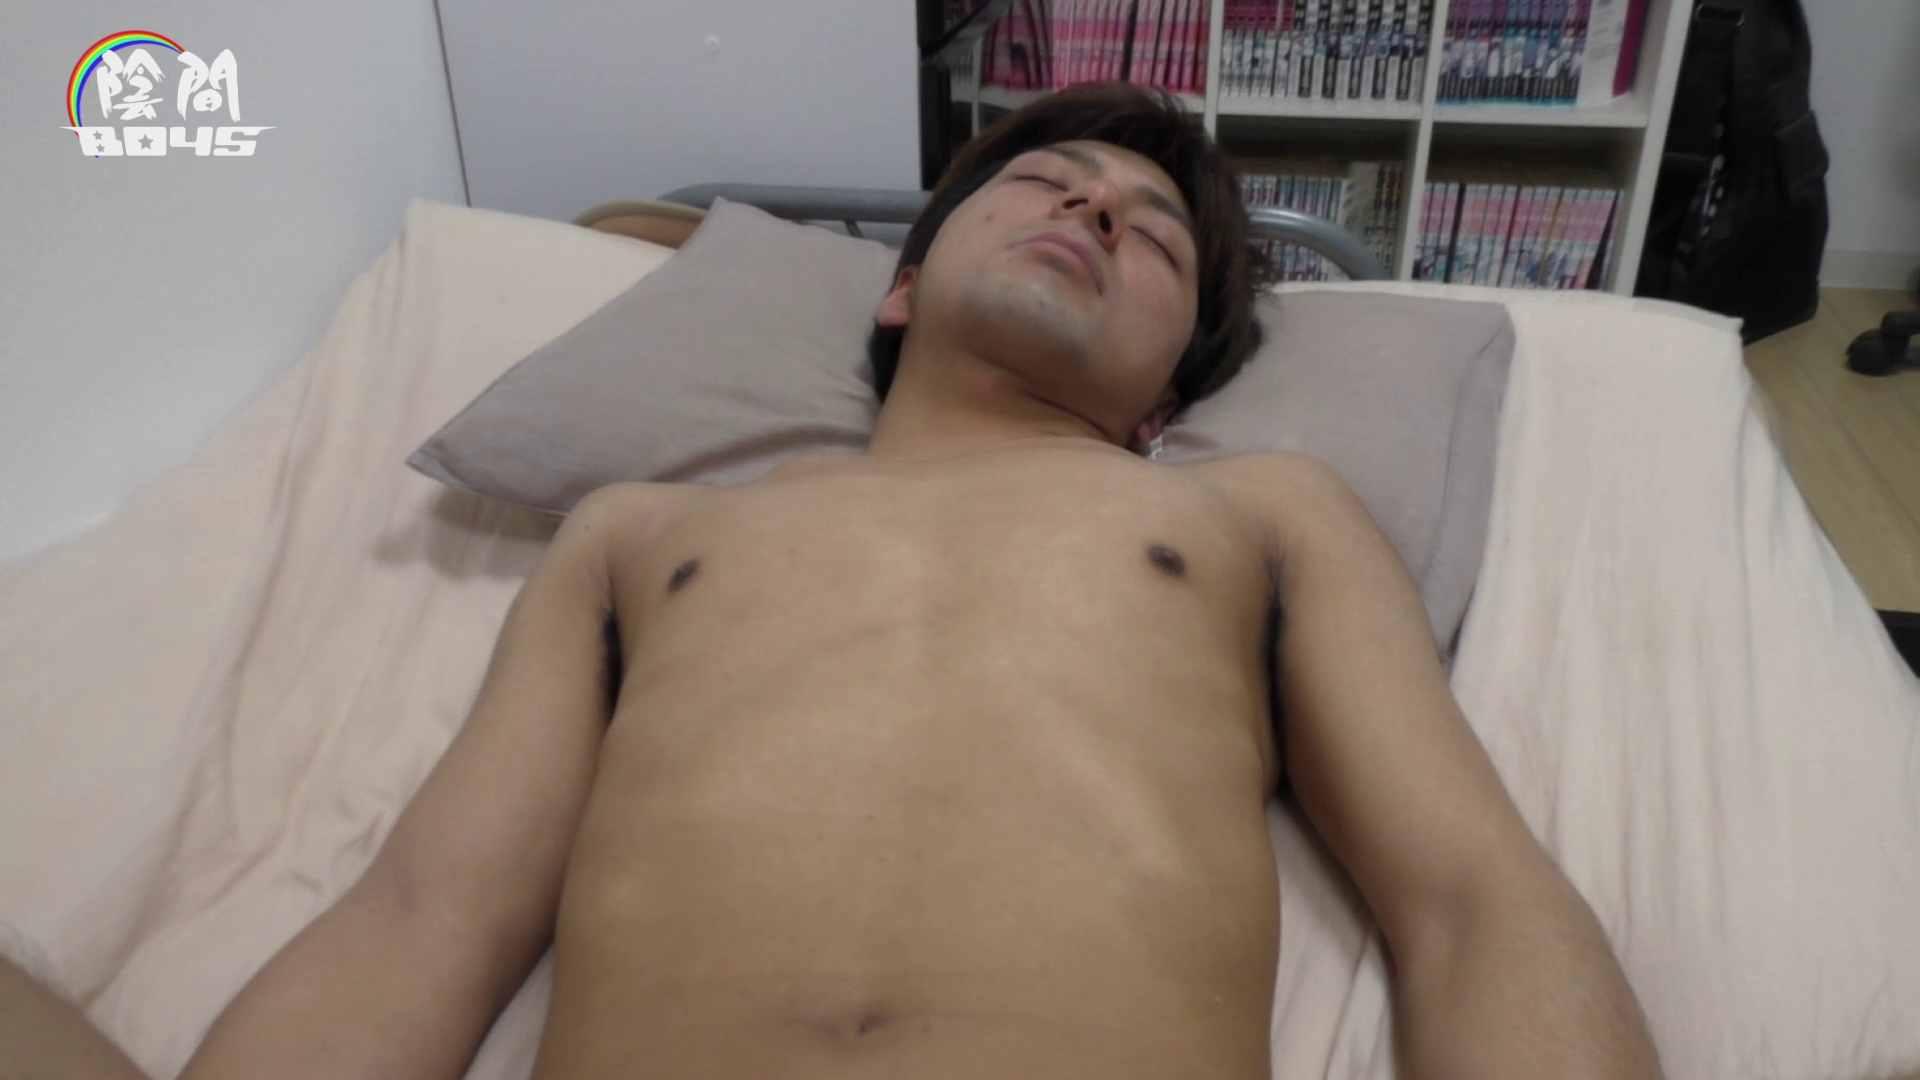 アナルは決して眠らない No.06 口内に発射 ゲイアダルト画像 77pic 37